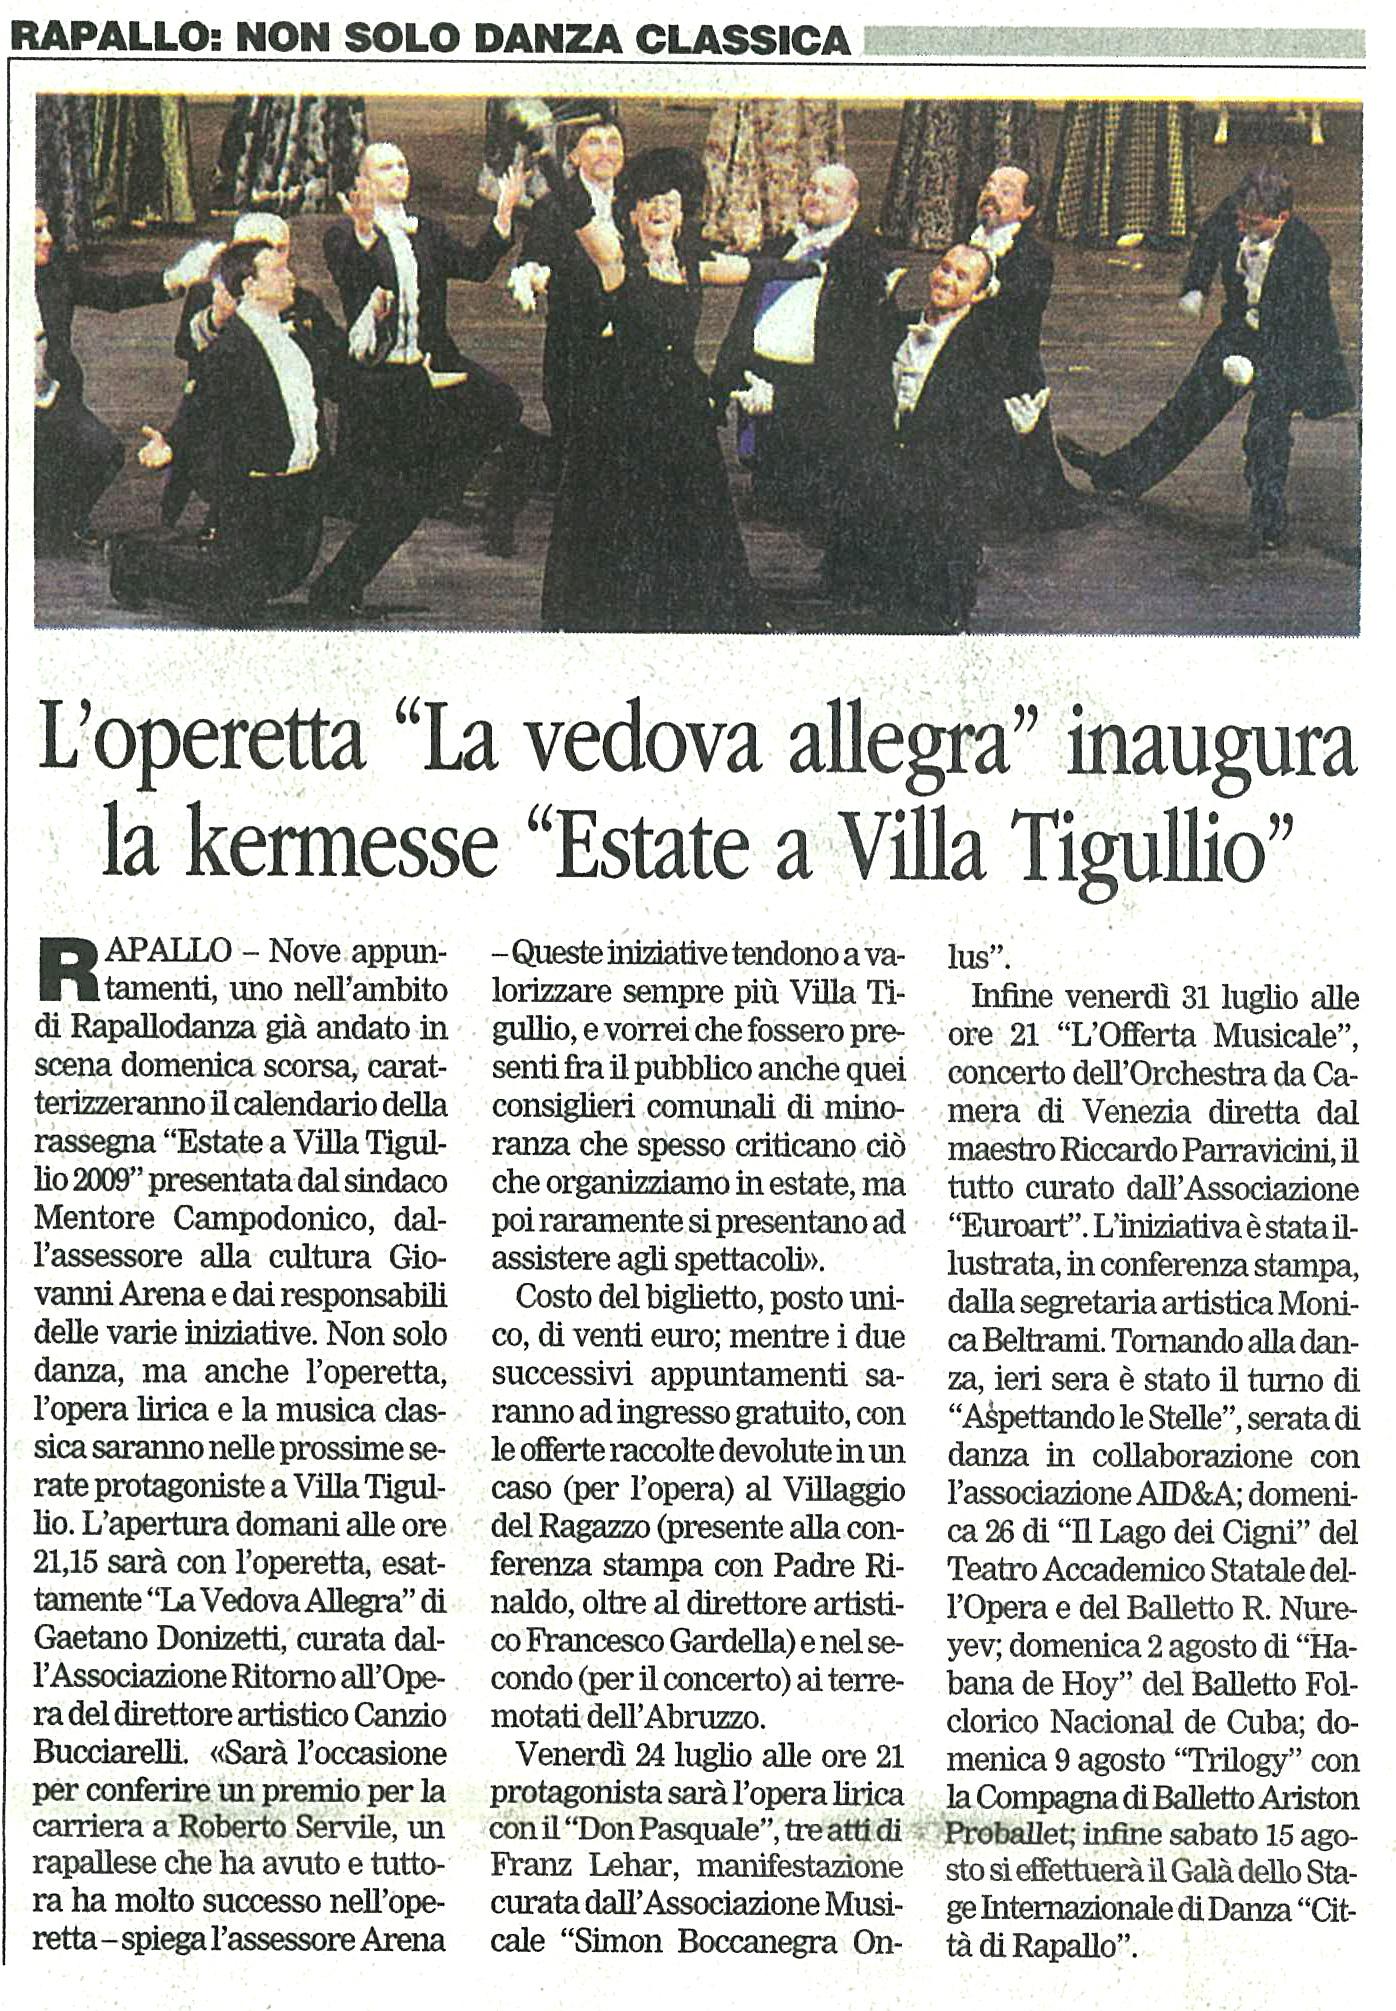 20.07.2009 – CORRIERE MERCANTILE – La Vedova Allegra Rapallo